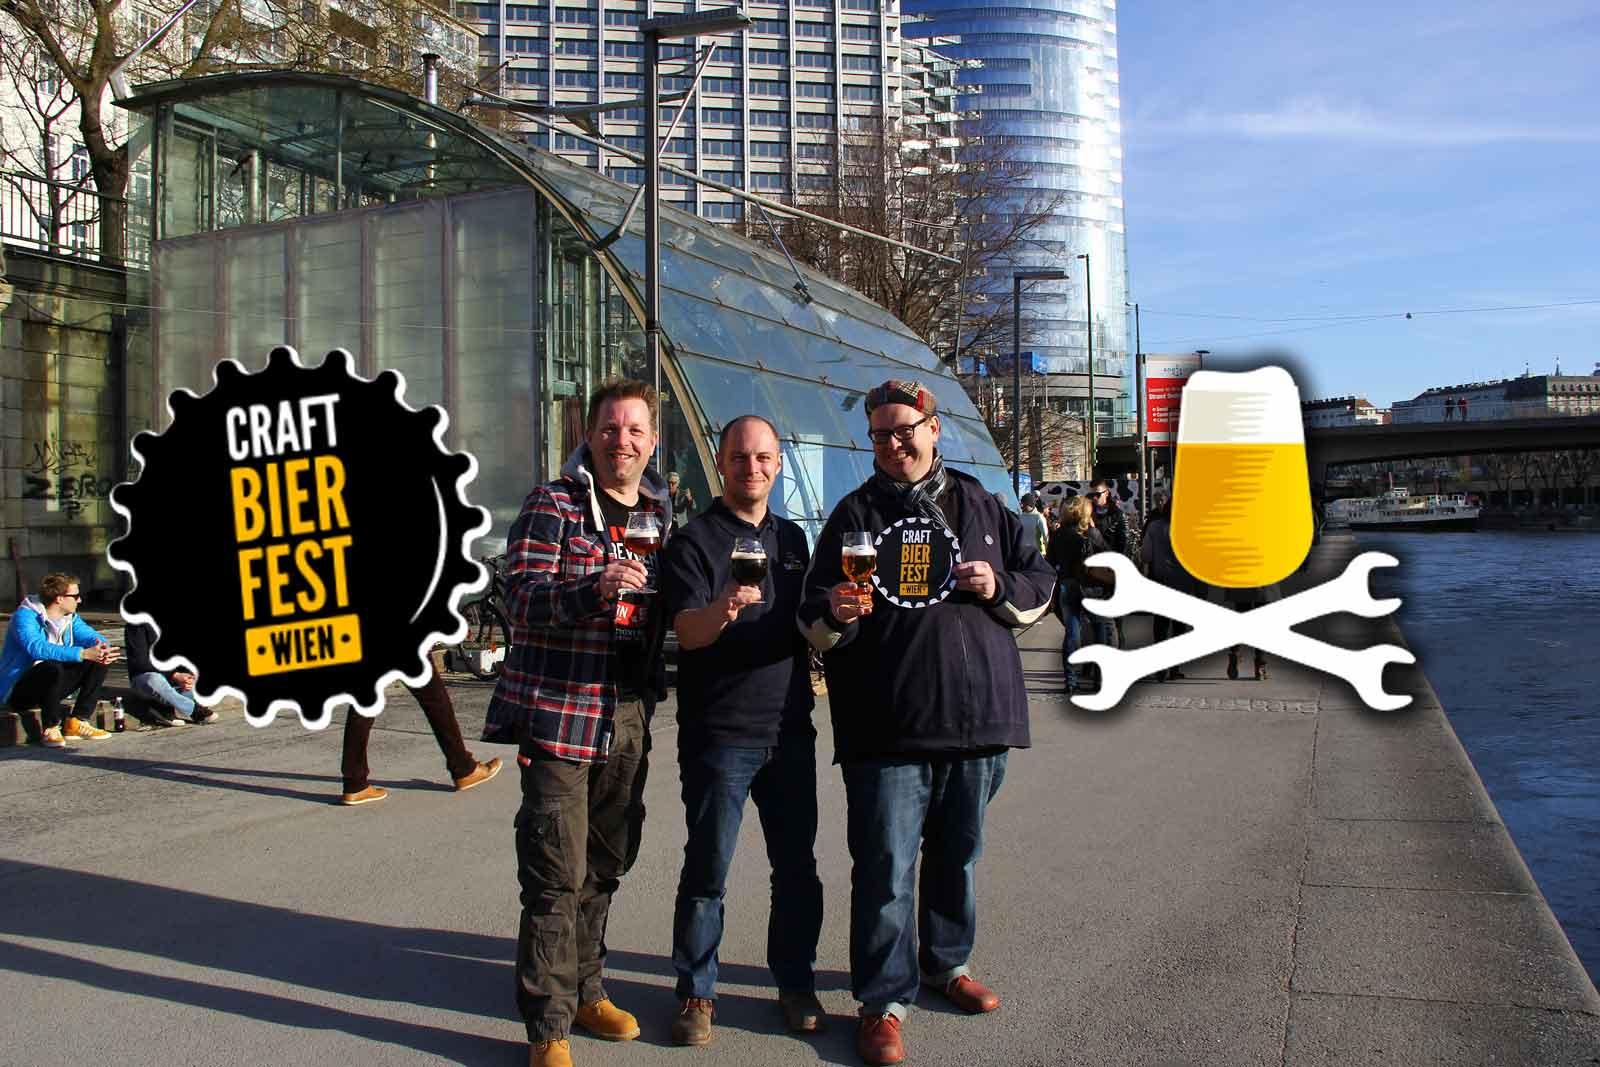 Es ist fix: Wien bekommt im Mai sein eigenes Craft Bier Fest